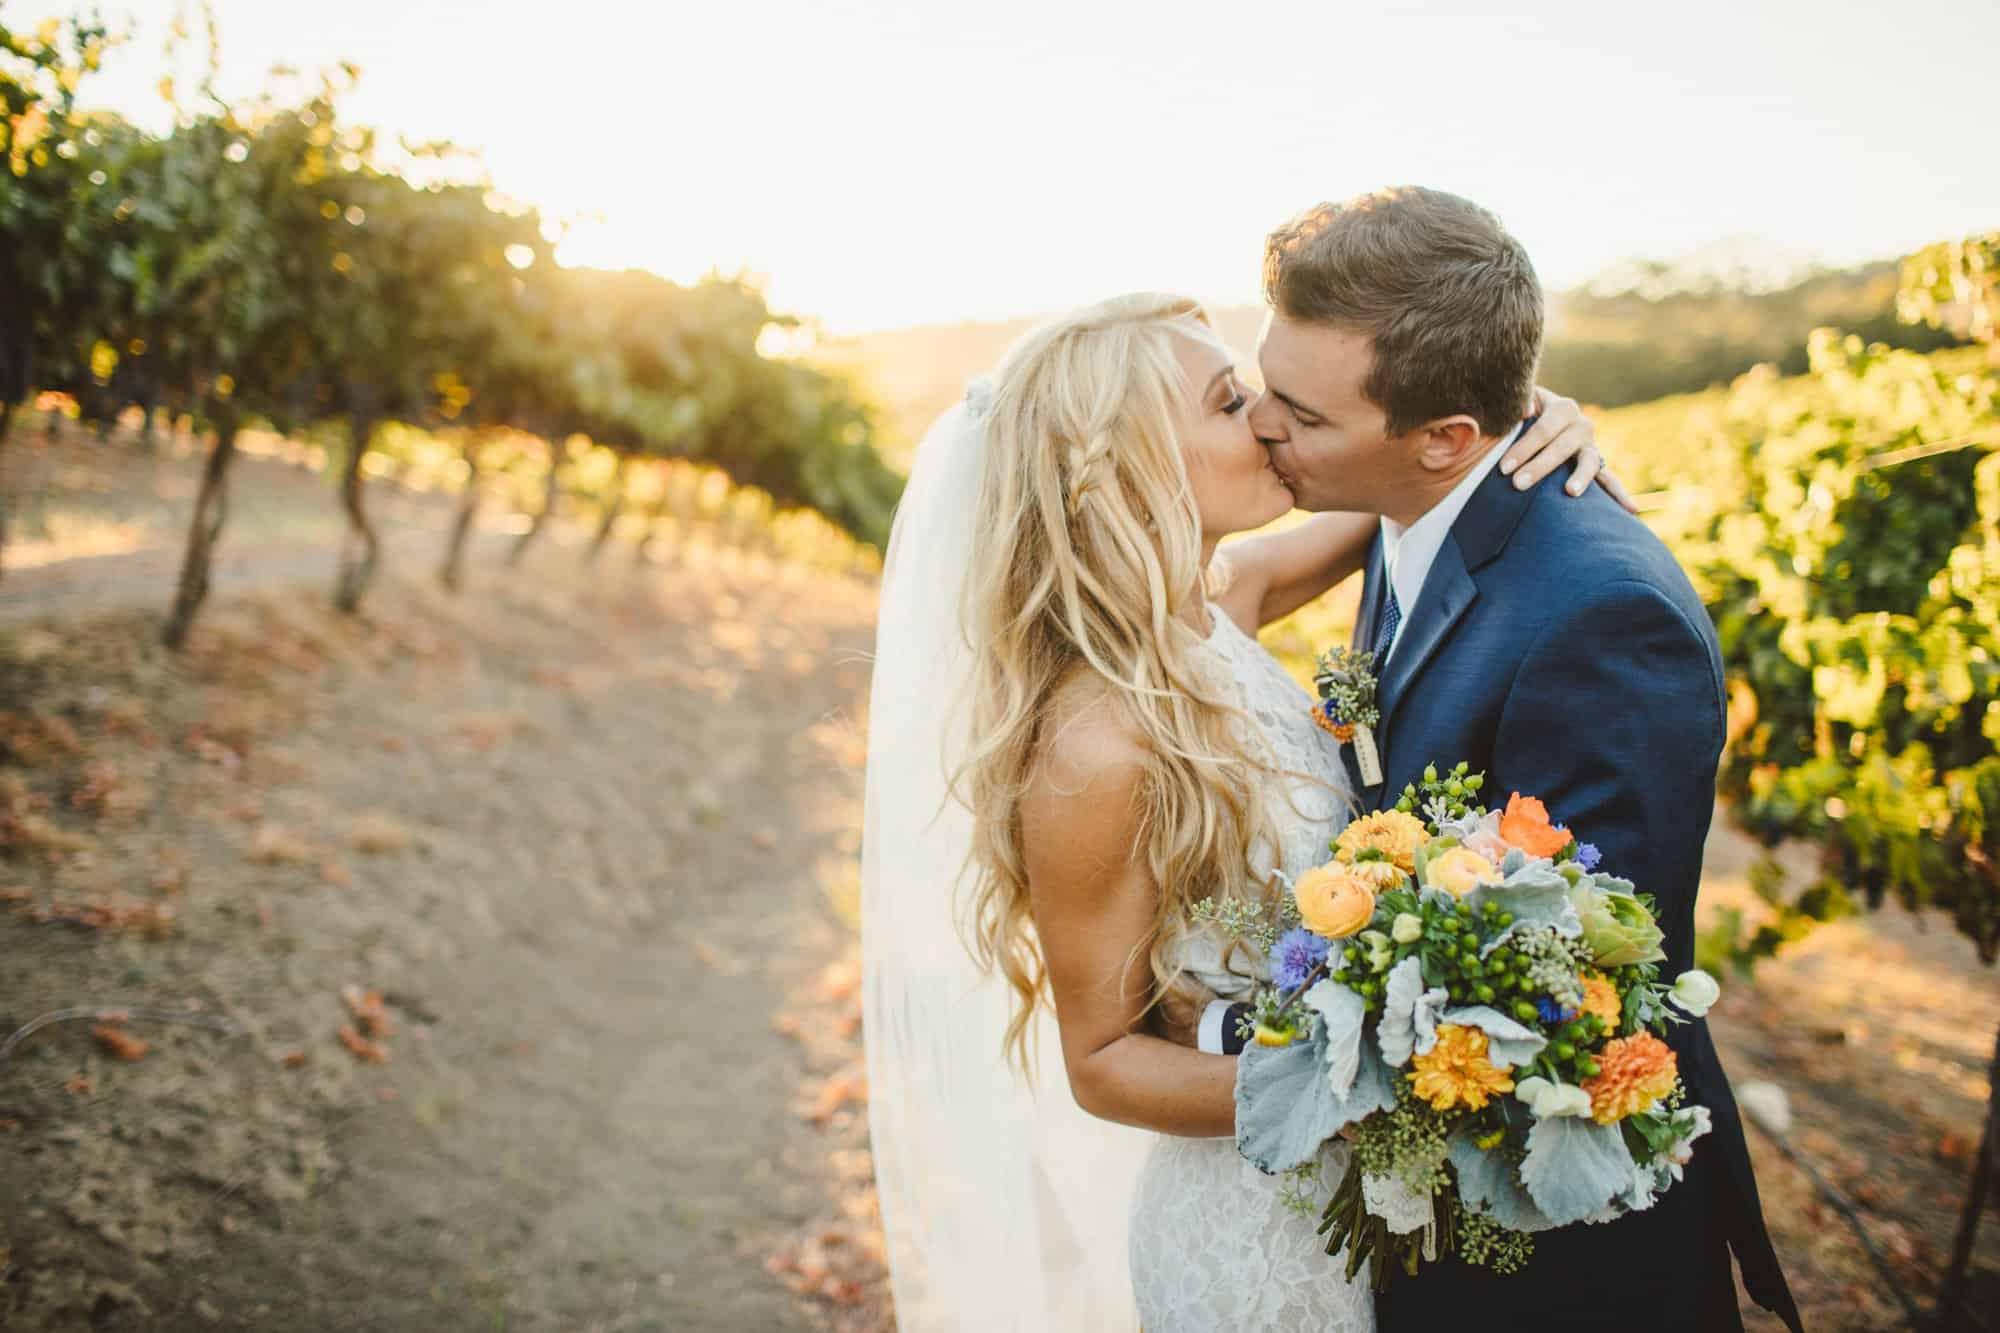 Opolo Vineyard wedding